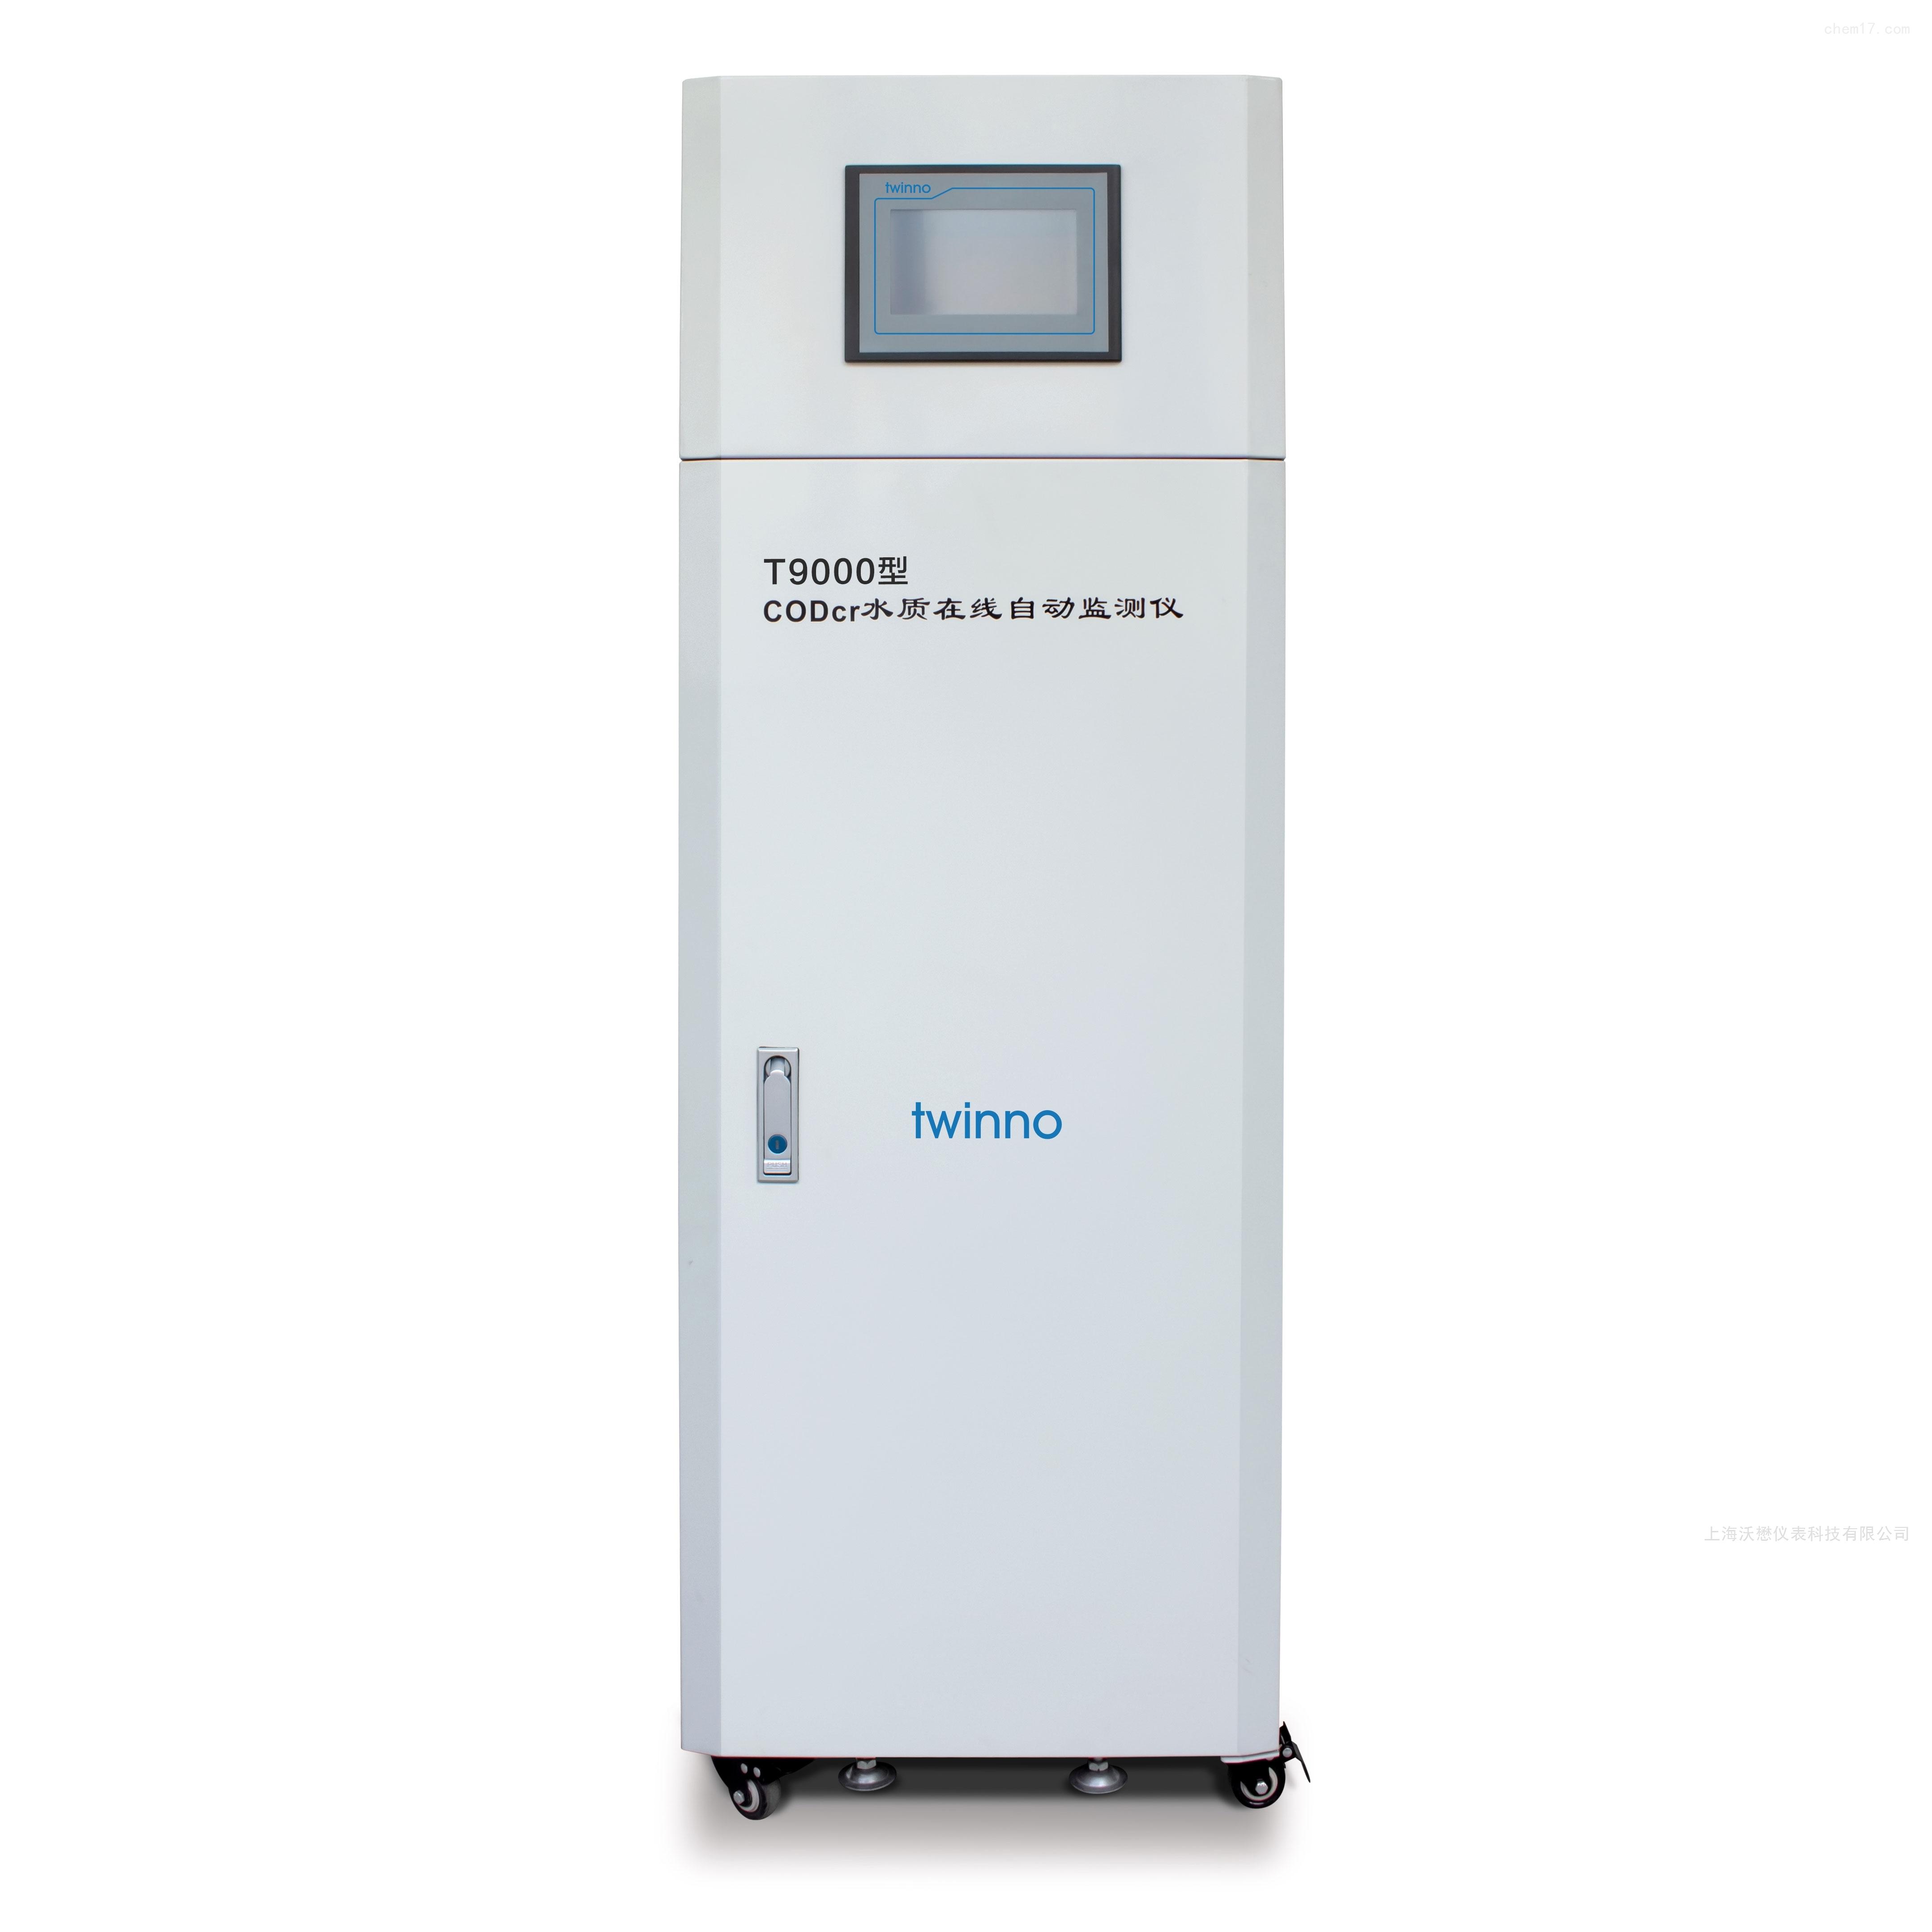 COD水質分析儀